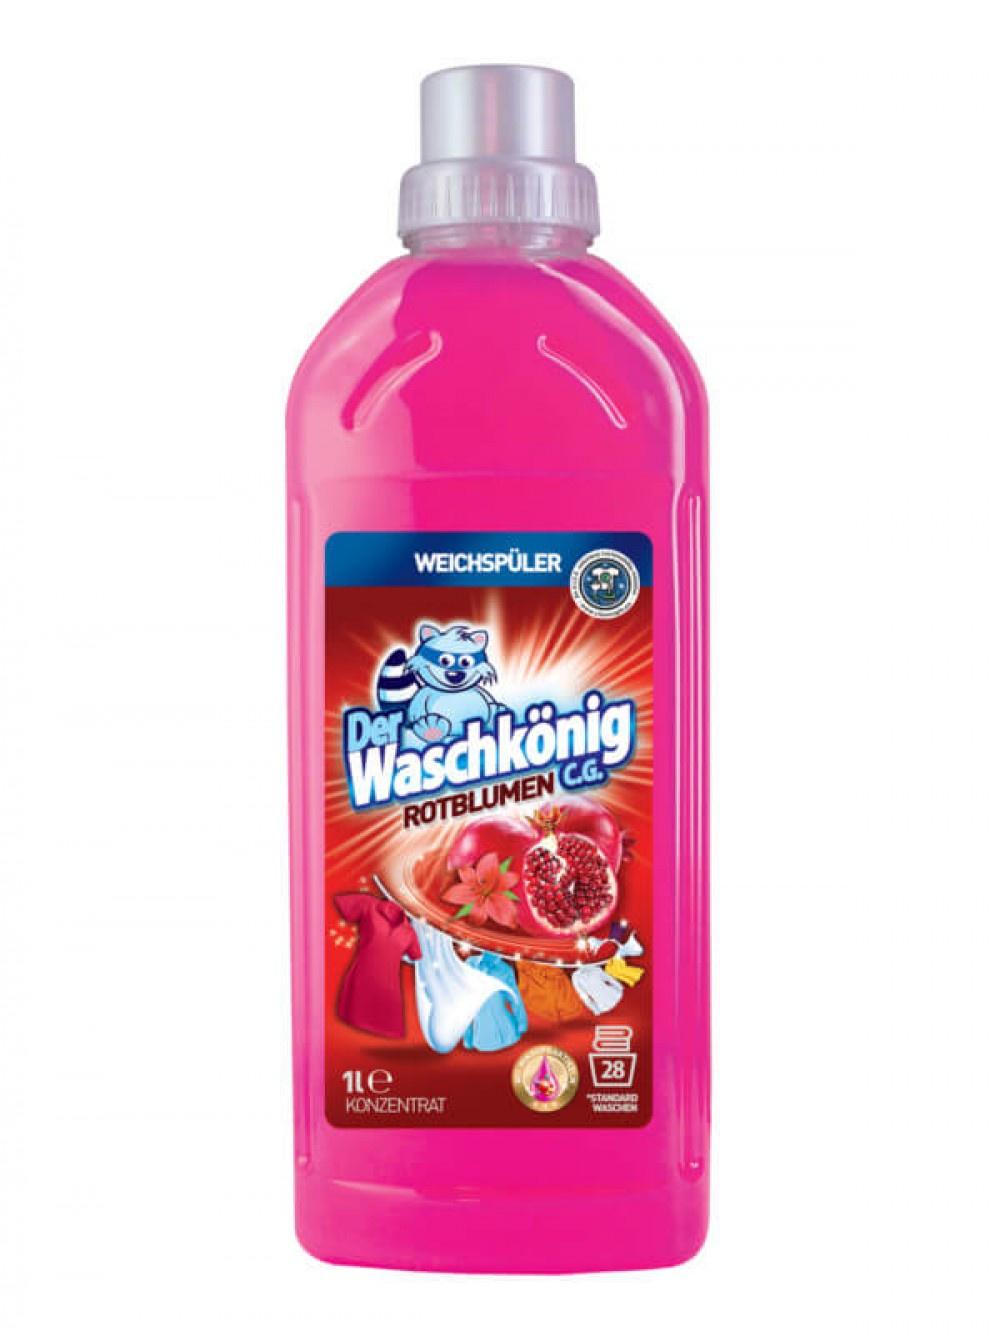 Кондиционер, ополаскиватель Der Waschkonig C.G. аромат спелого граната4260353550393Смягчитель кондиционер для тканей Der Waschk?nig rotblumen (Гранат) 1000 мл обеспечивает одежду тонким запахом граната.Эффект антистатикаОблегчает глажкуФруктовый запах гарантаСделано в Европе